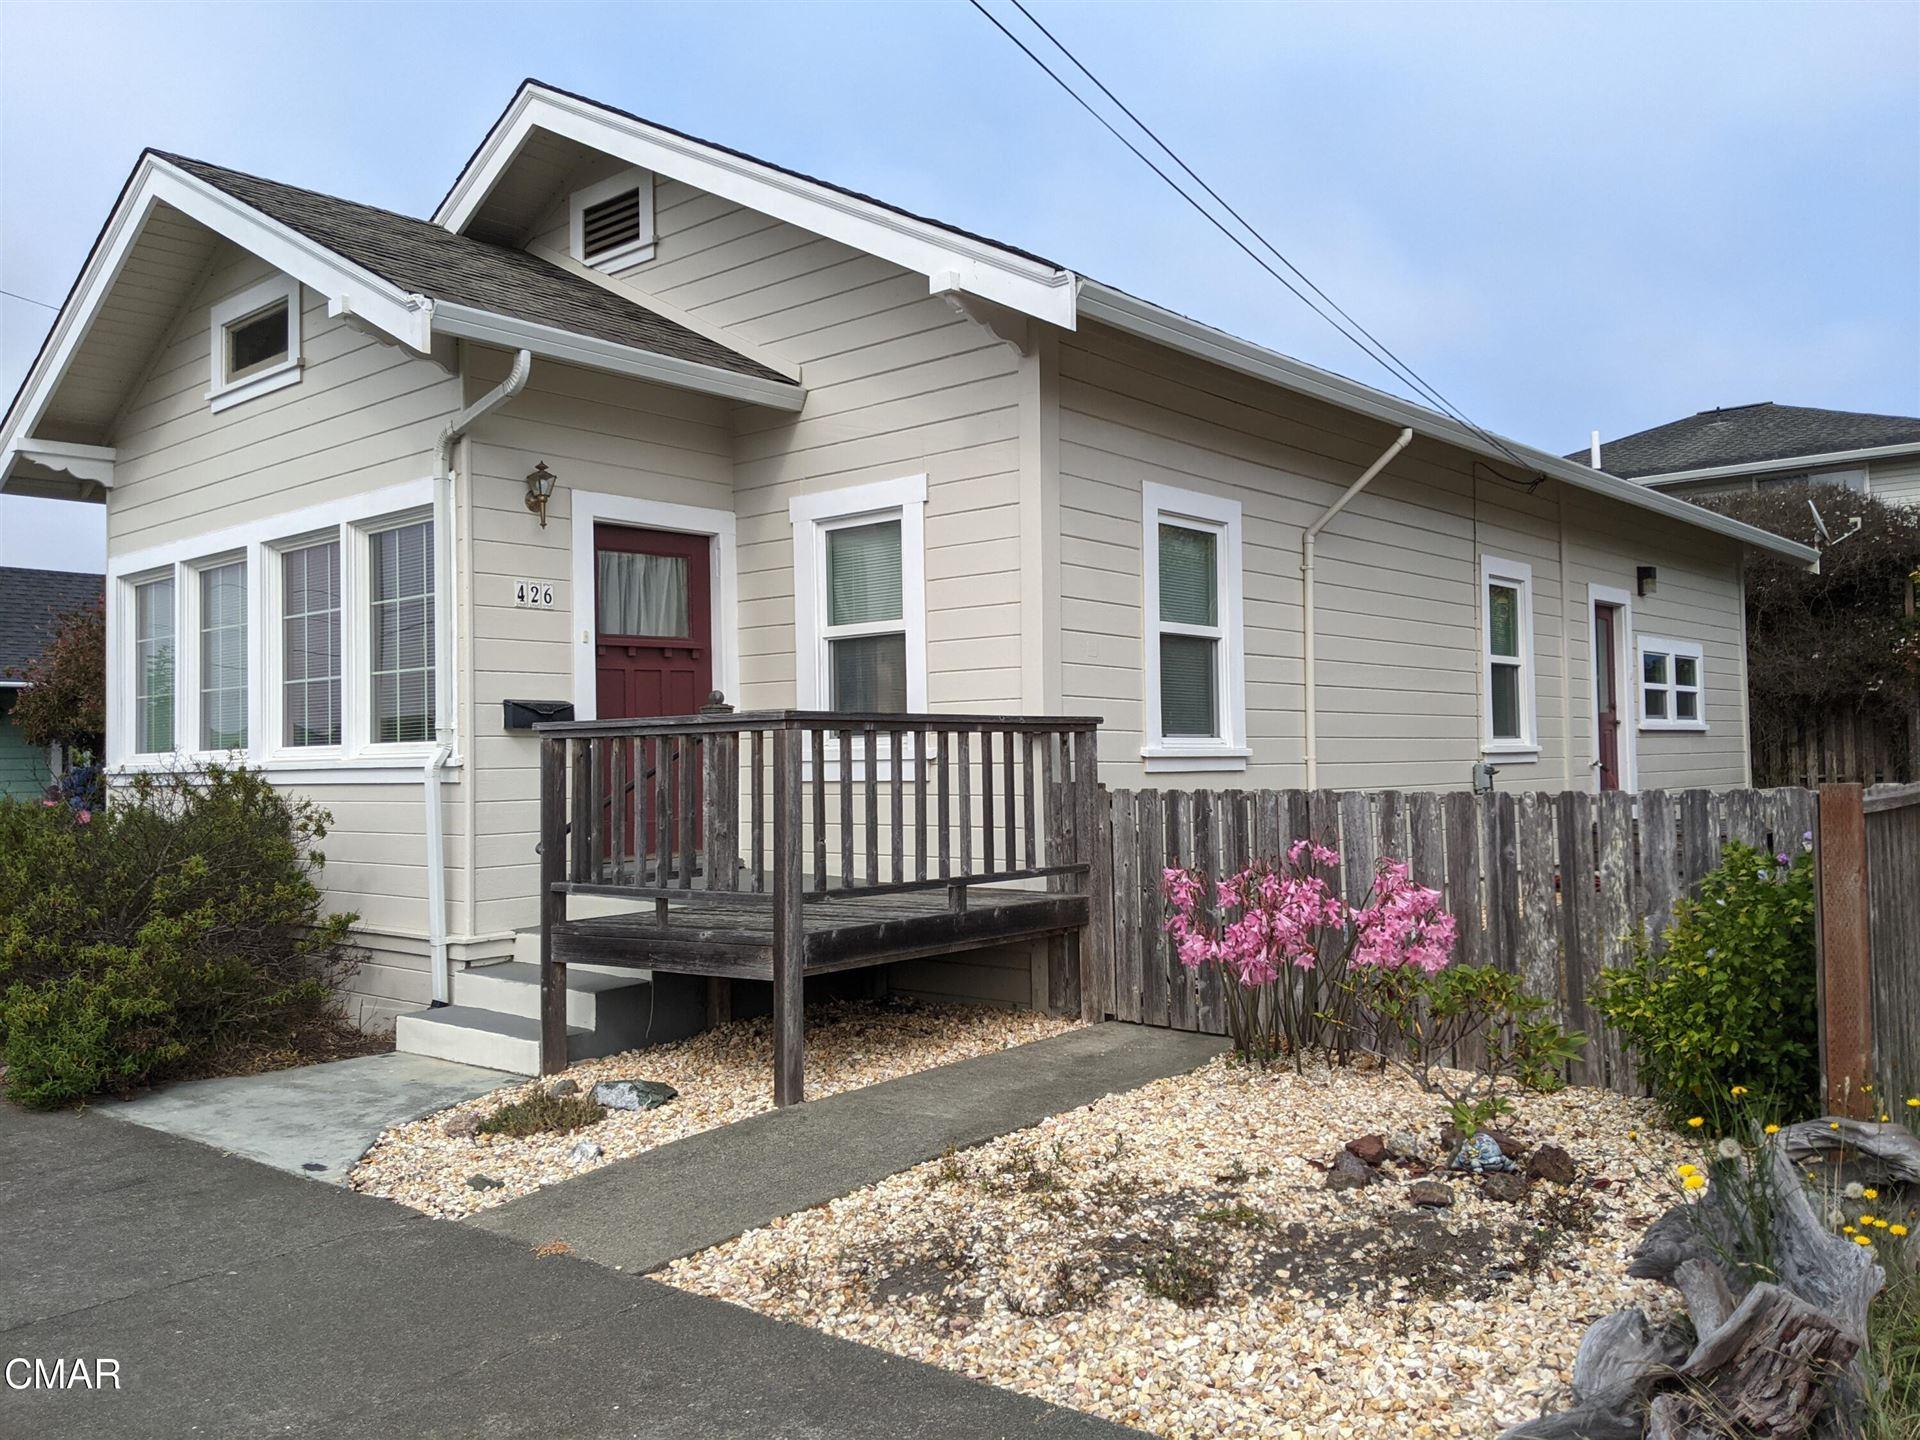 426 N Whipple Street, Fort Bragg, CA 95437 - MLS#: 27993